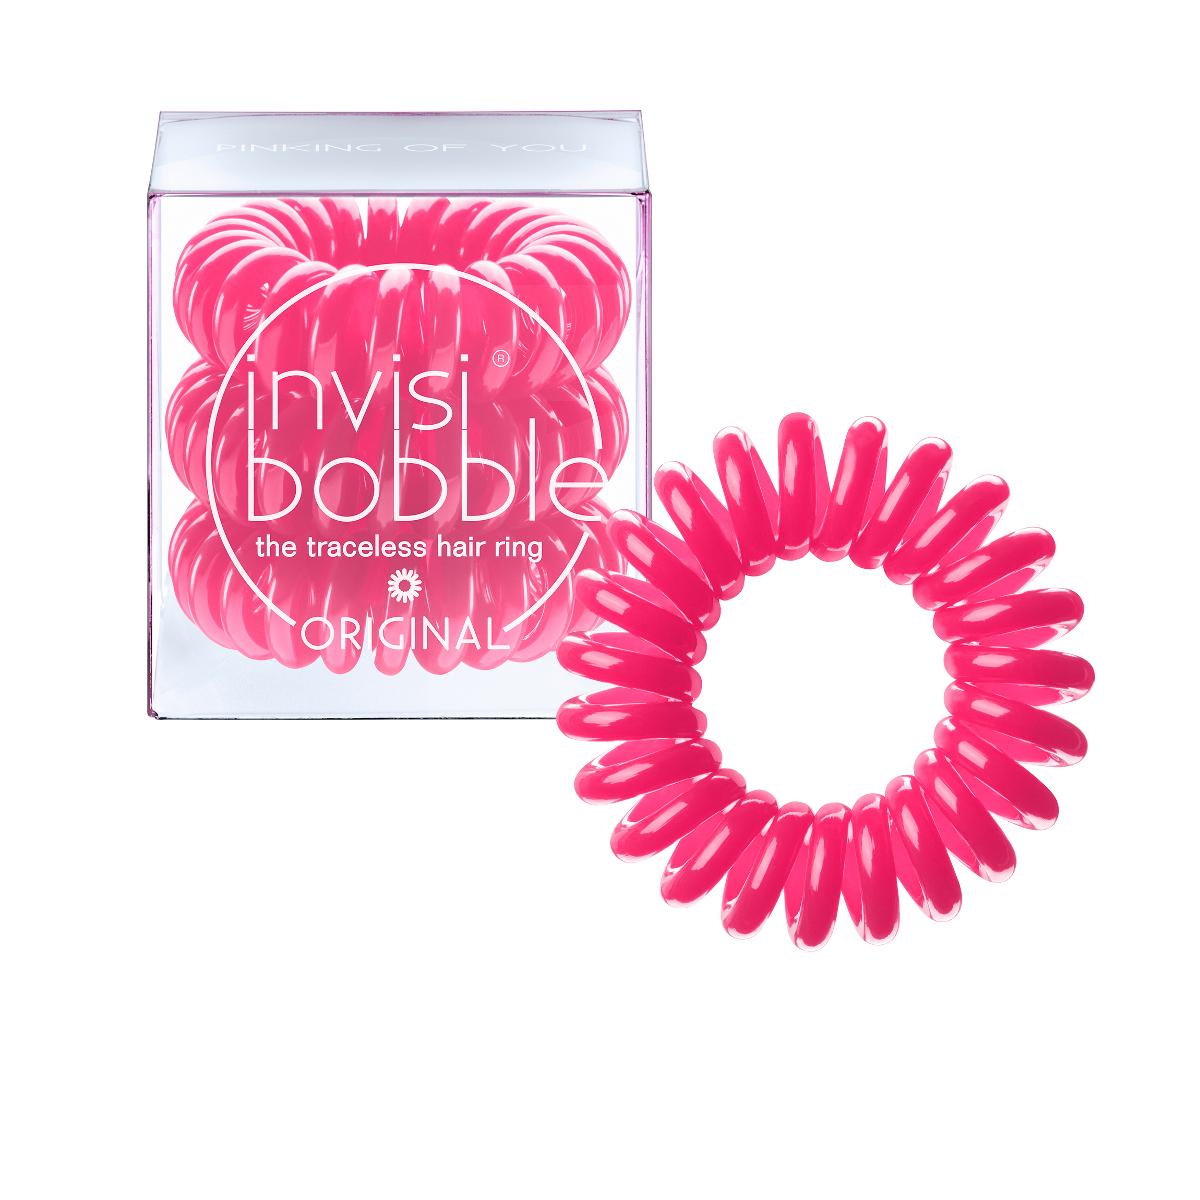 Invisibobble Резинка-браслет для волос Original Pinking of You3045Резиночка invisibobble pinking on you в розовом цвете из коллекции ORIGINAL приносит счастье и радость, а заодно привлекает к себе всеобщее внимание. В коллекцию ORIGINAL вошли наиболее популярные цвета резинок-браслетов, а также новые цвета для создания безупречного образа на каждый день. Резинки-браслеты invisibobble подходят для всех типов волос, надежно фиксируют причёску, не оставляют заломов и не вызывают головную боль благодаря неравномерному распределению давления на волосы. Кроме того, они не намокают и не вызывают аллергию при контакте с кожей, поскольку изготовлены из искусственной смолы.